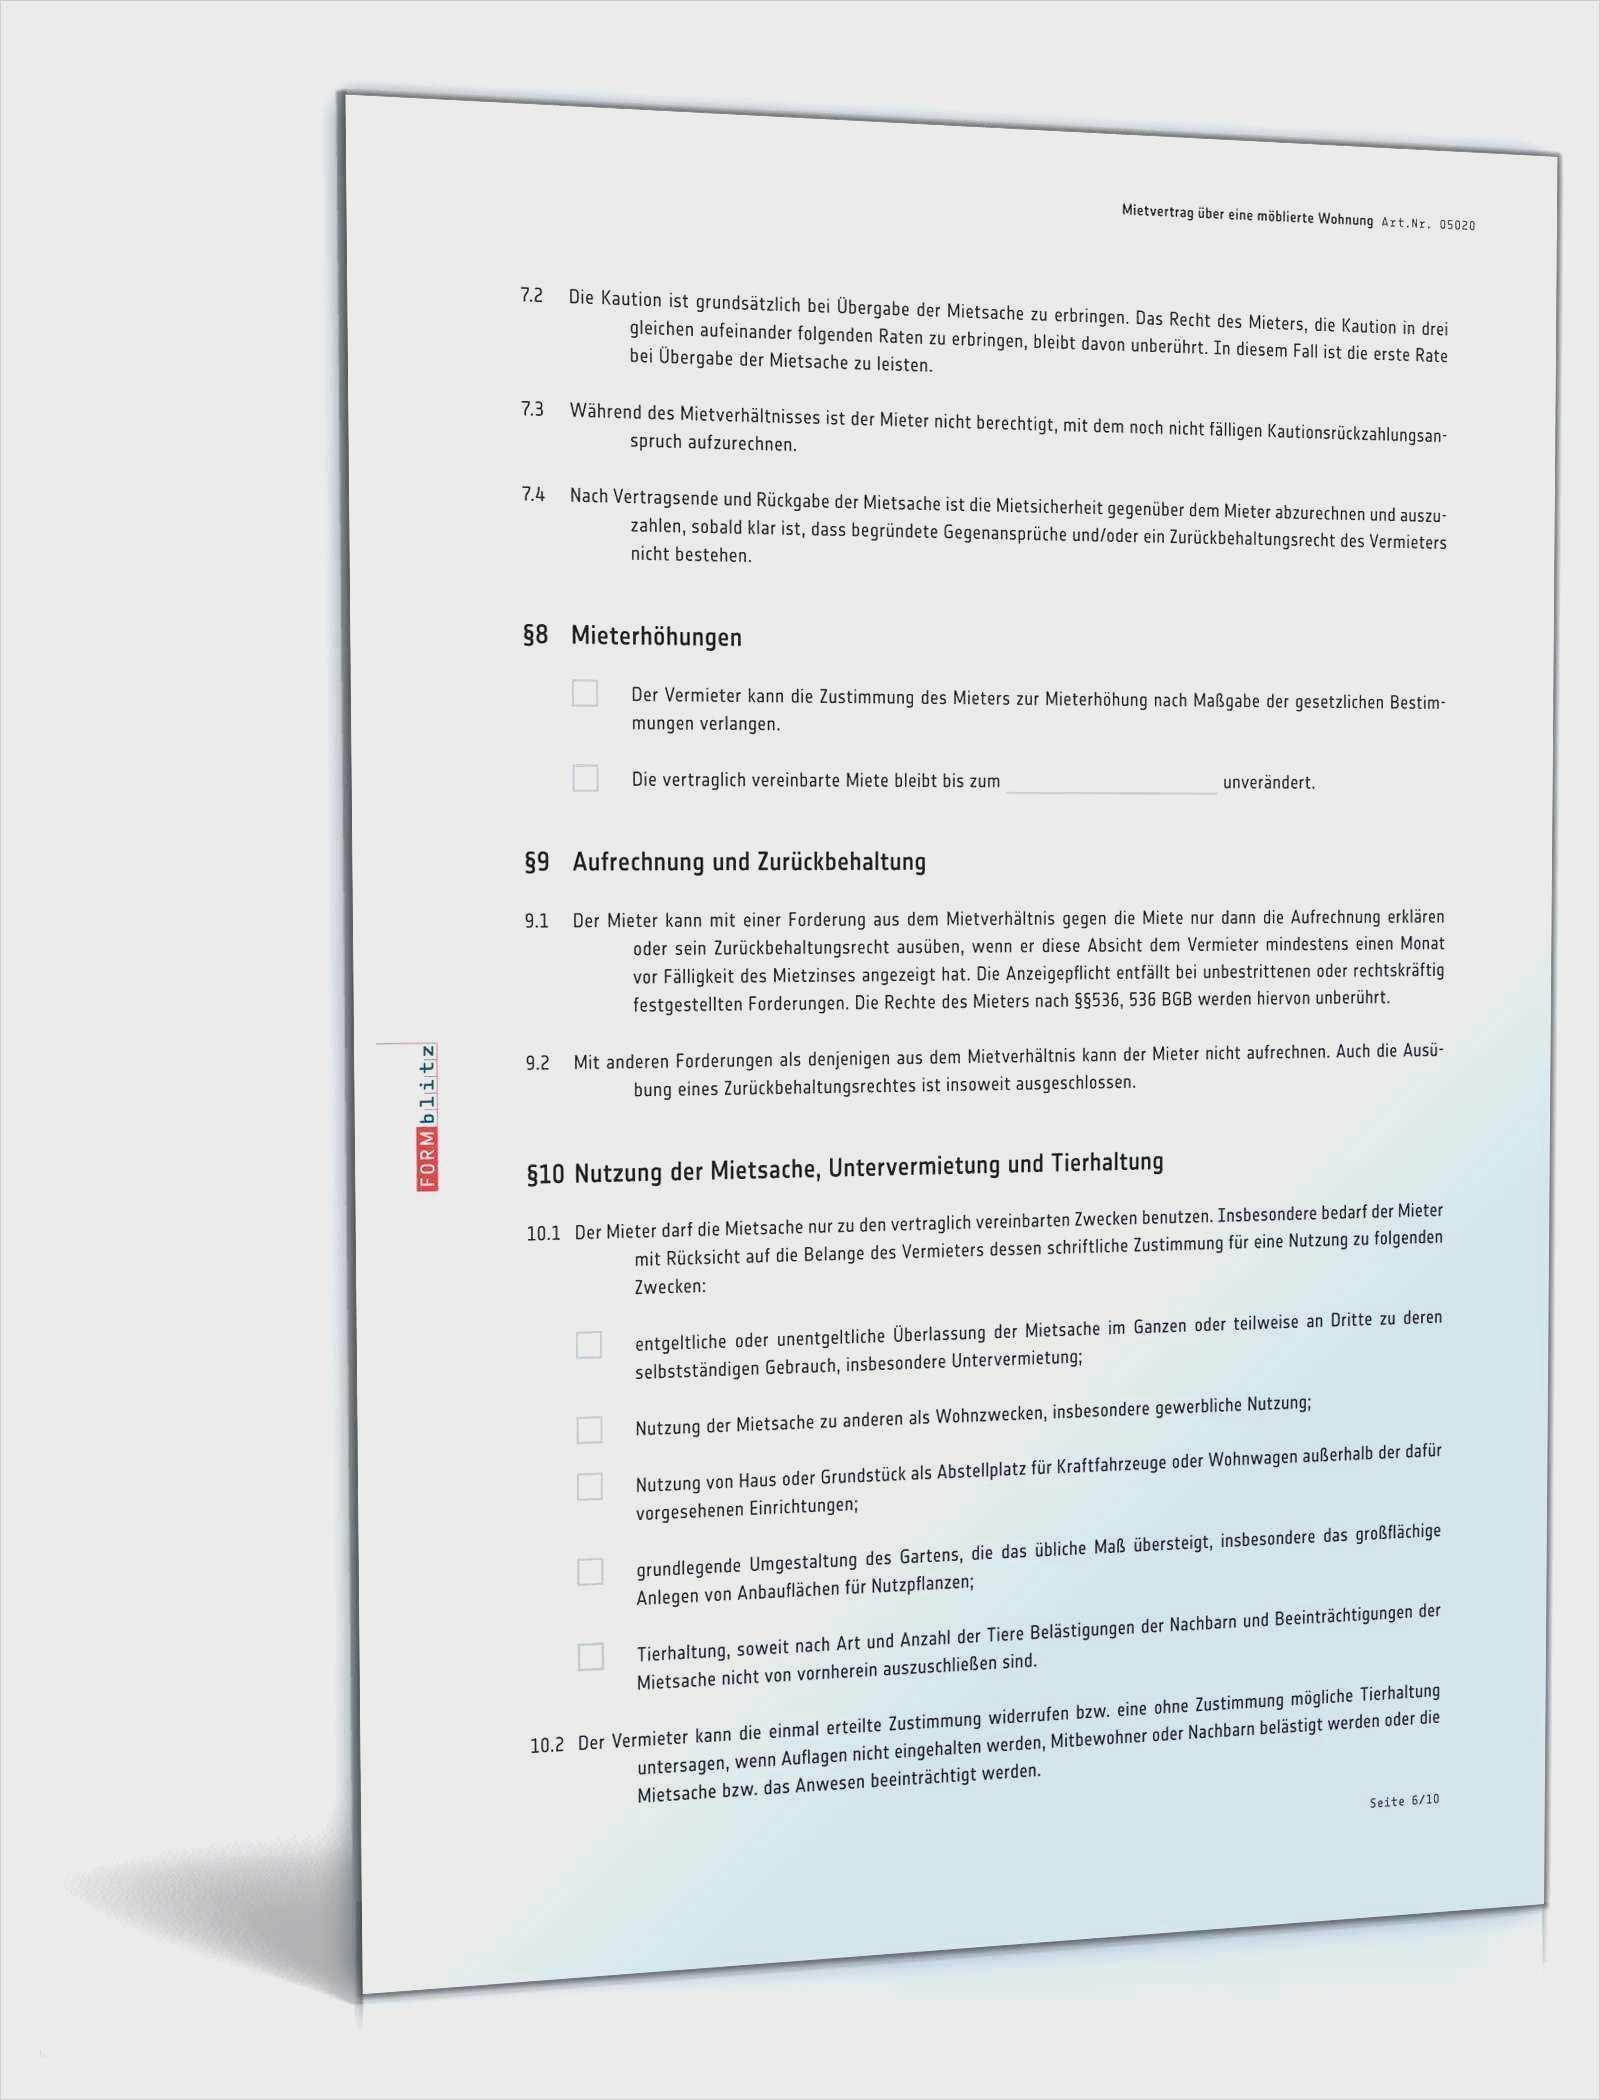 Erstaunlich Antrag Erstausstattung Baby Jobcenter Vorlage Solche Konnen Anpassen Fur Ihre Wic Jobcenter Job Vorlagen